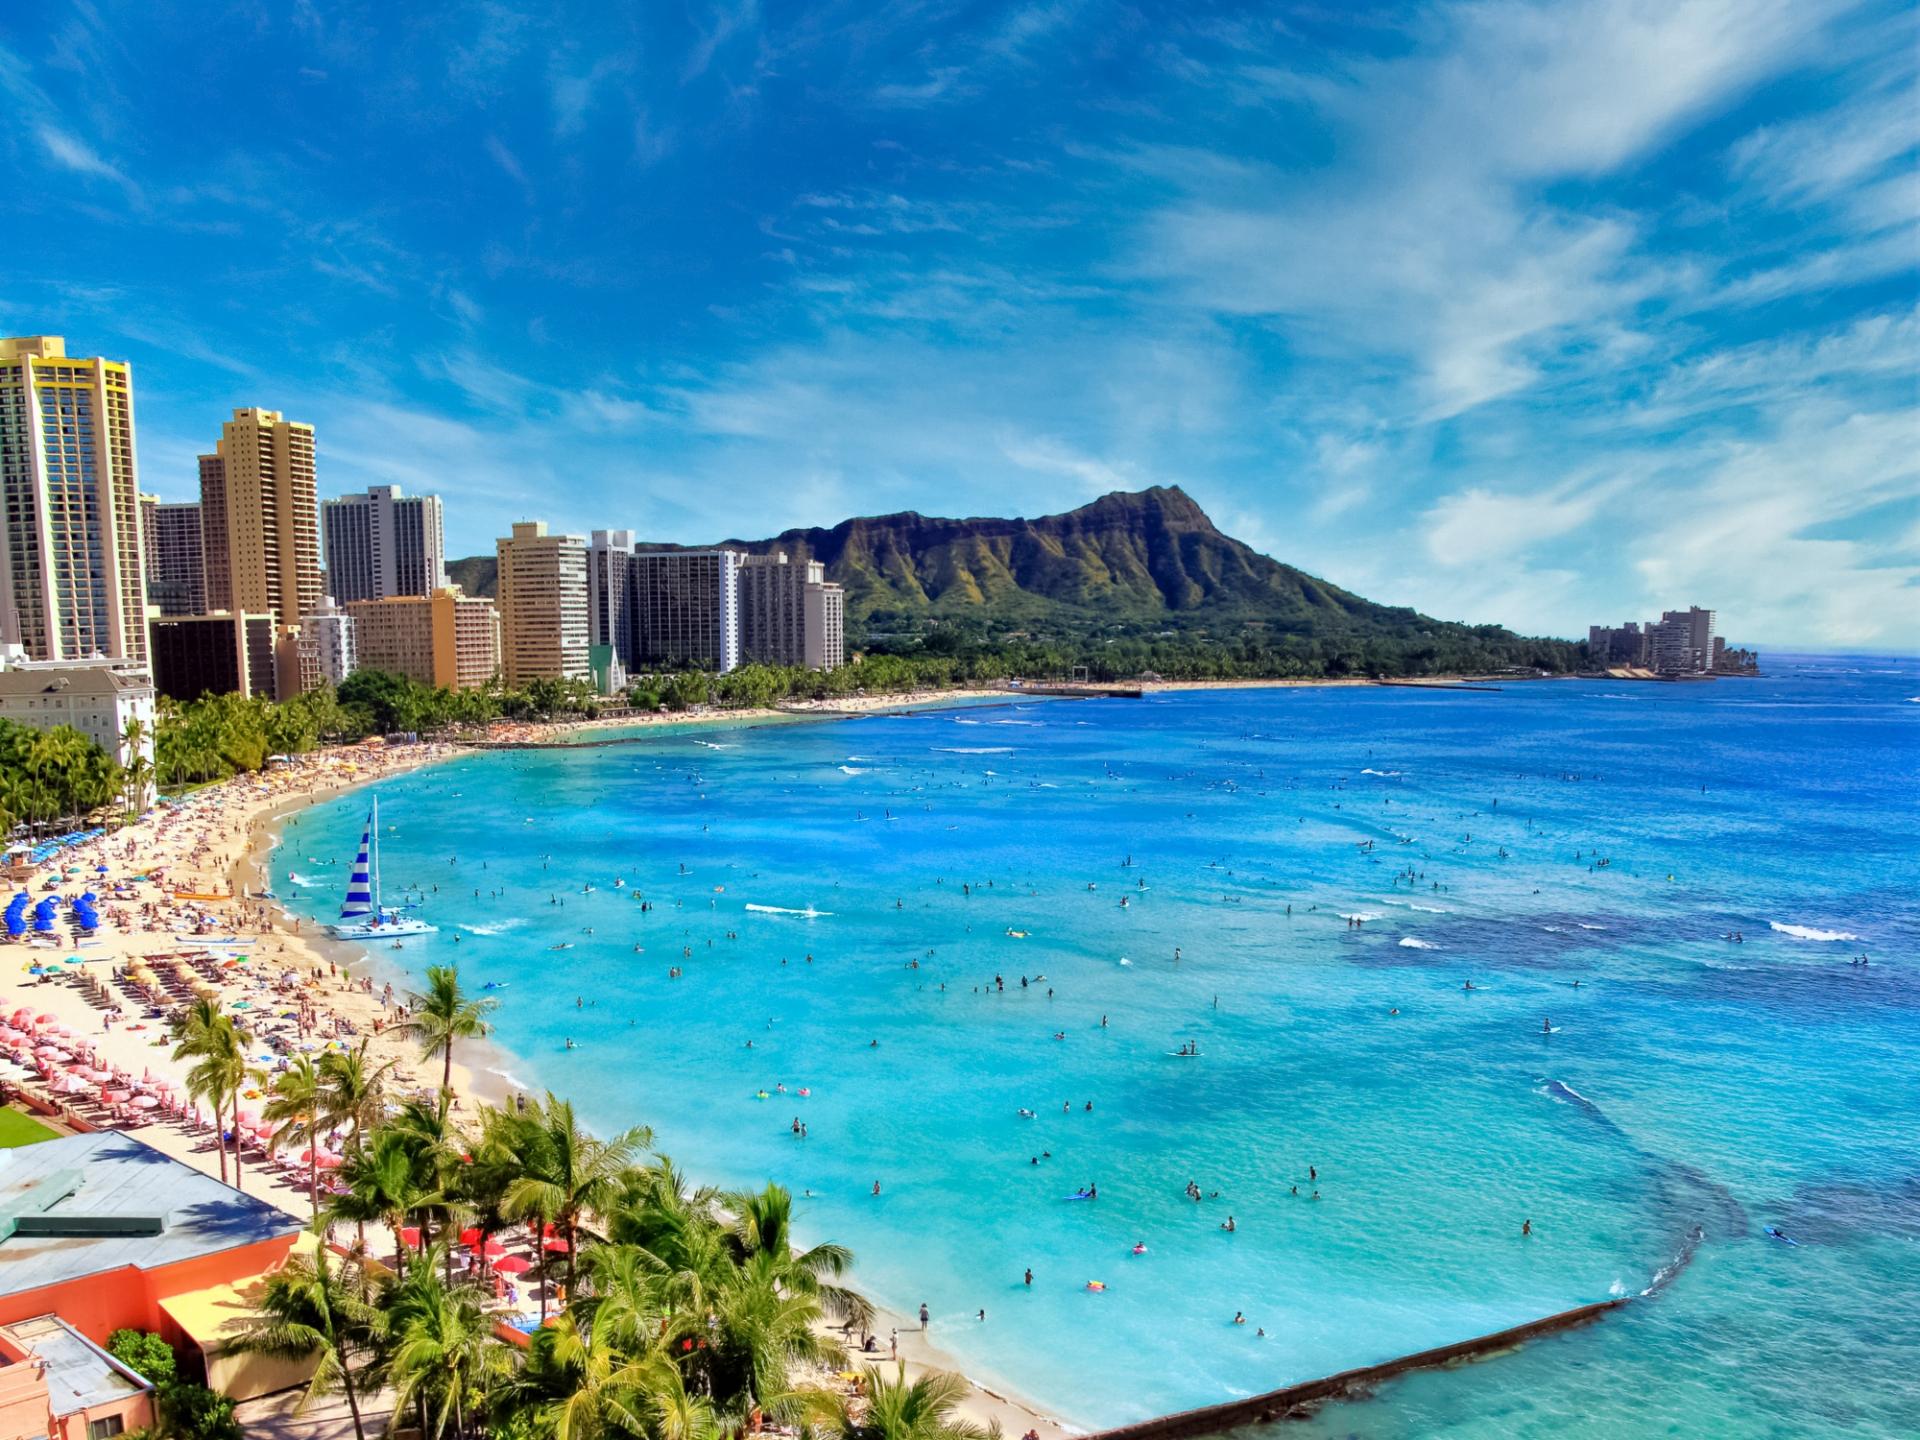 ハワイの10月の気温や気候をチェック!おすすめの服装コーデもご紹介!